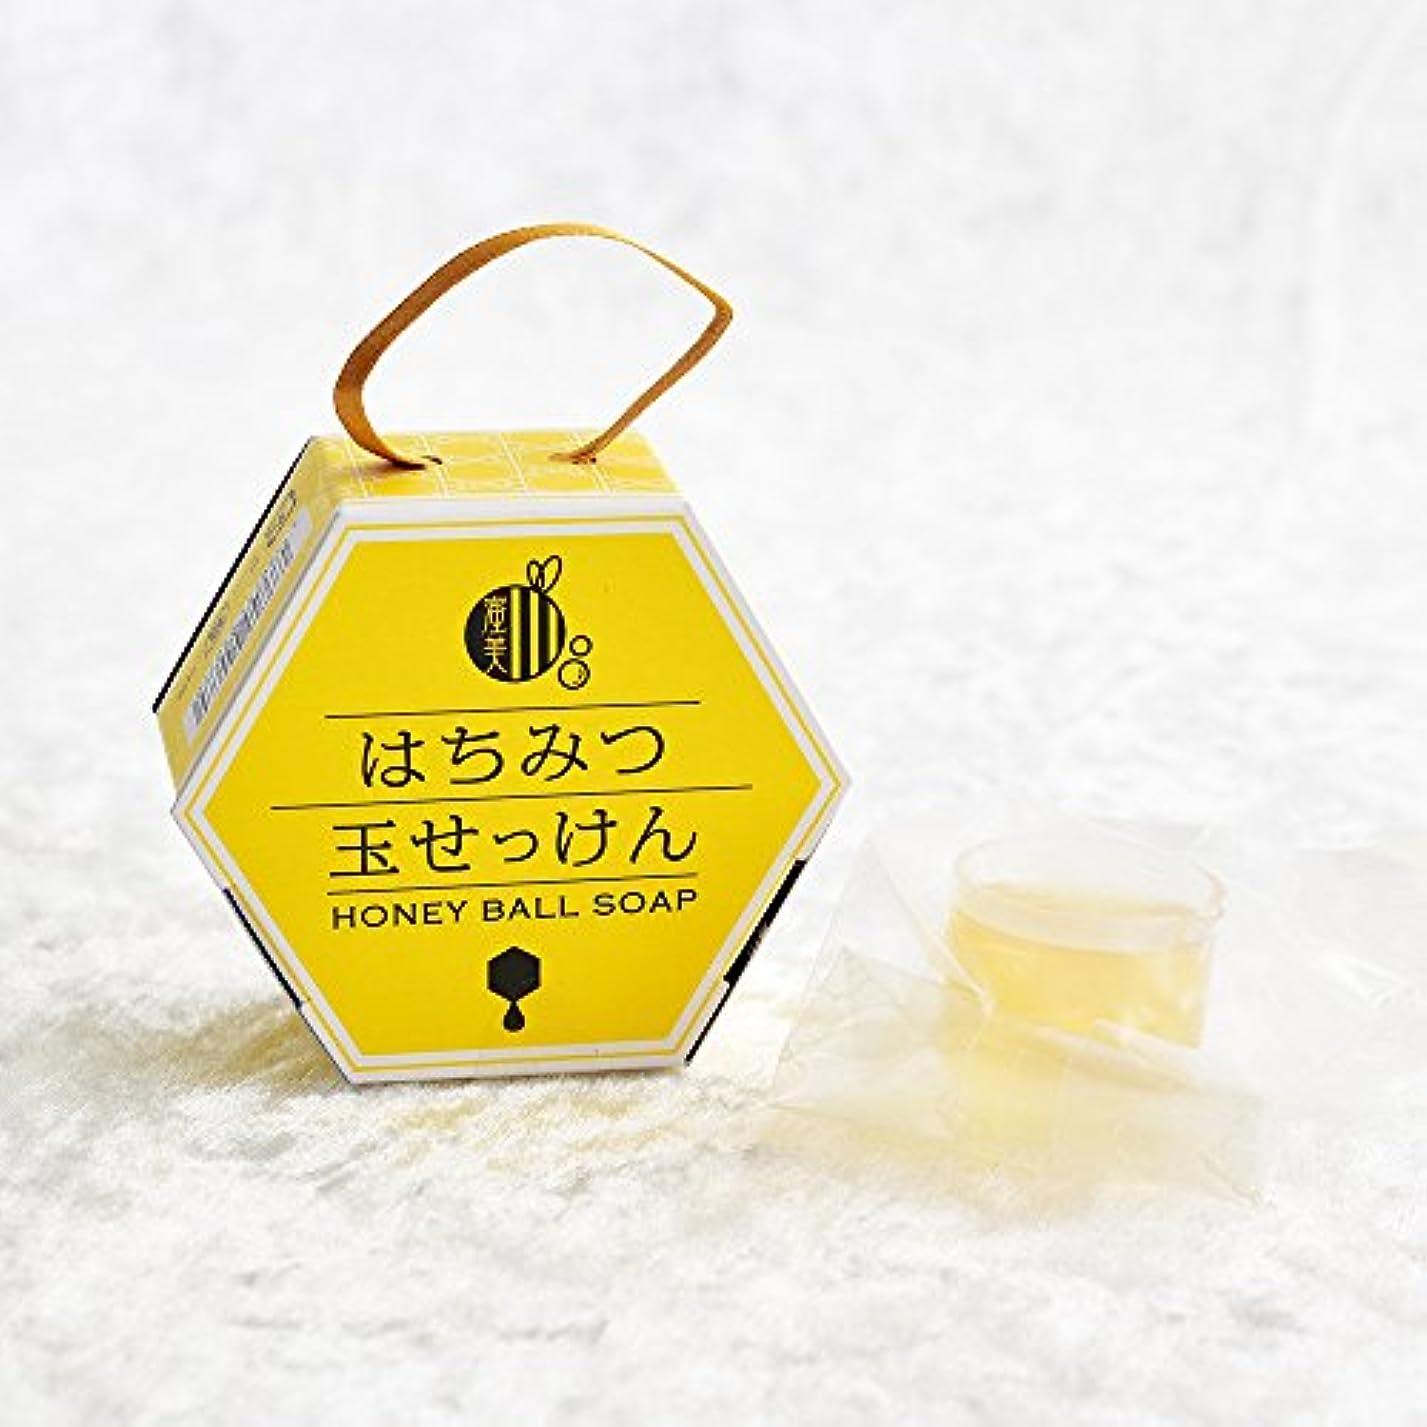 フルーツ好み最小化する蜜美はちみつ玉せっけん 8g